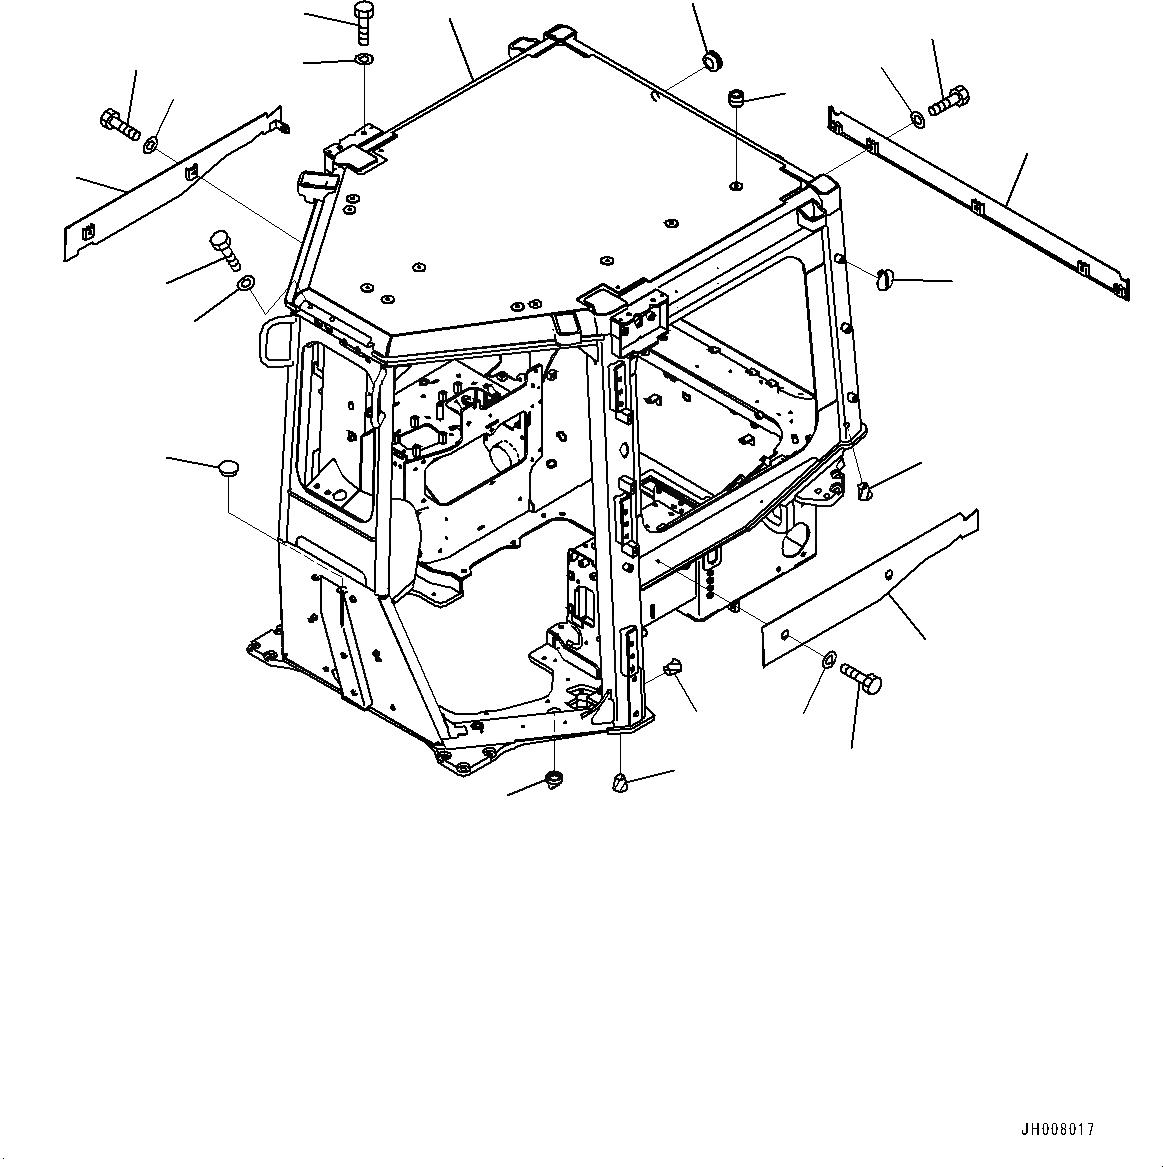 600-184-1350 Komatsu КЛАПАН